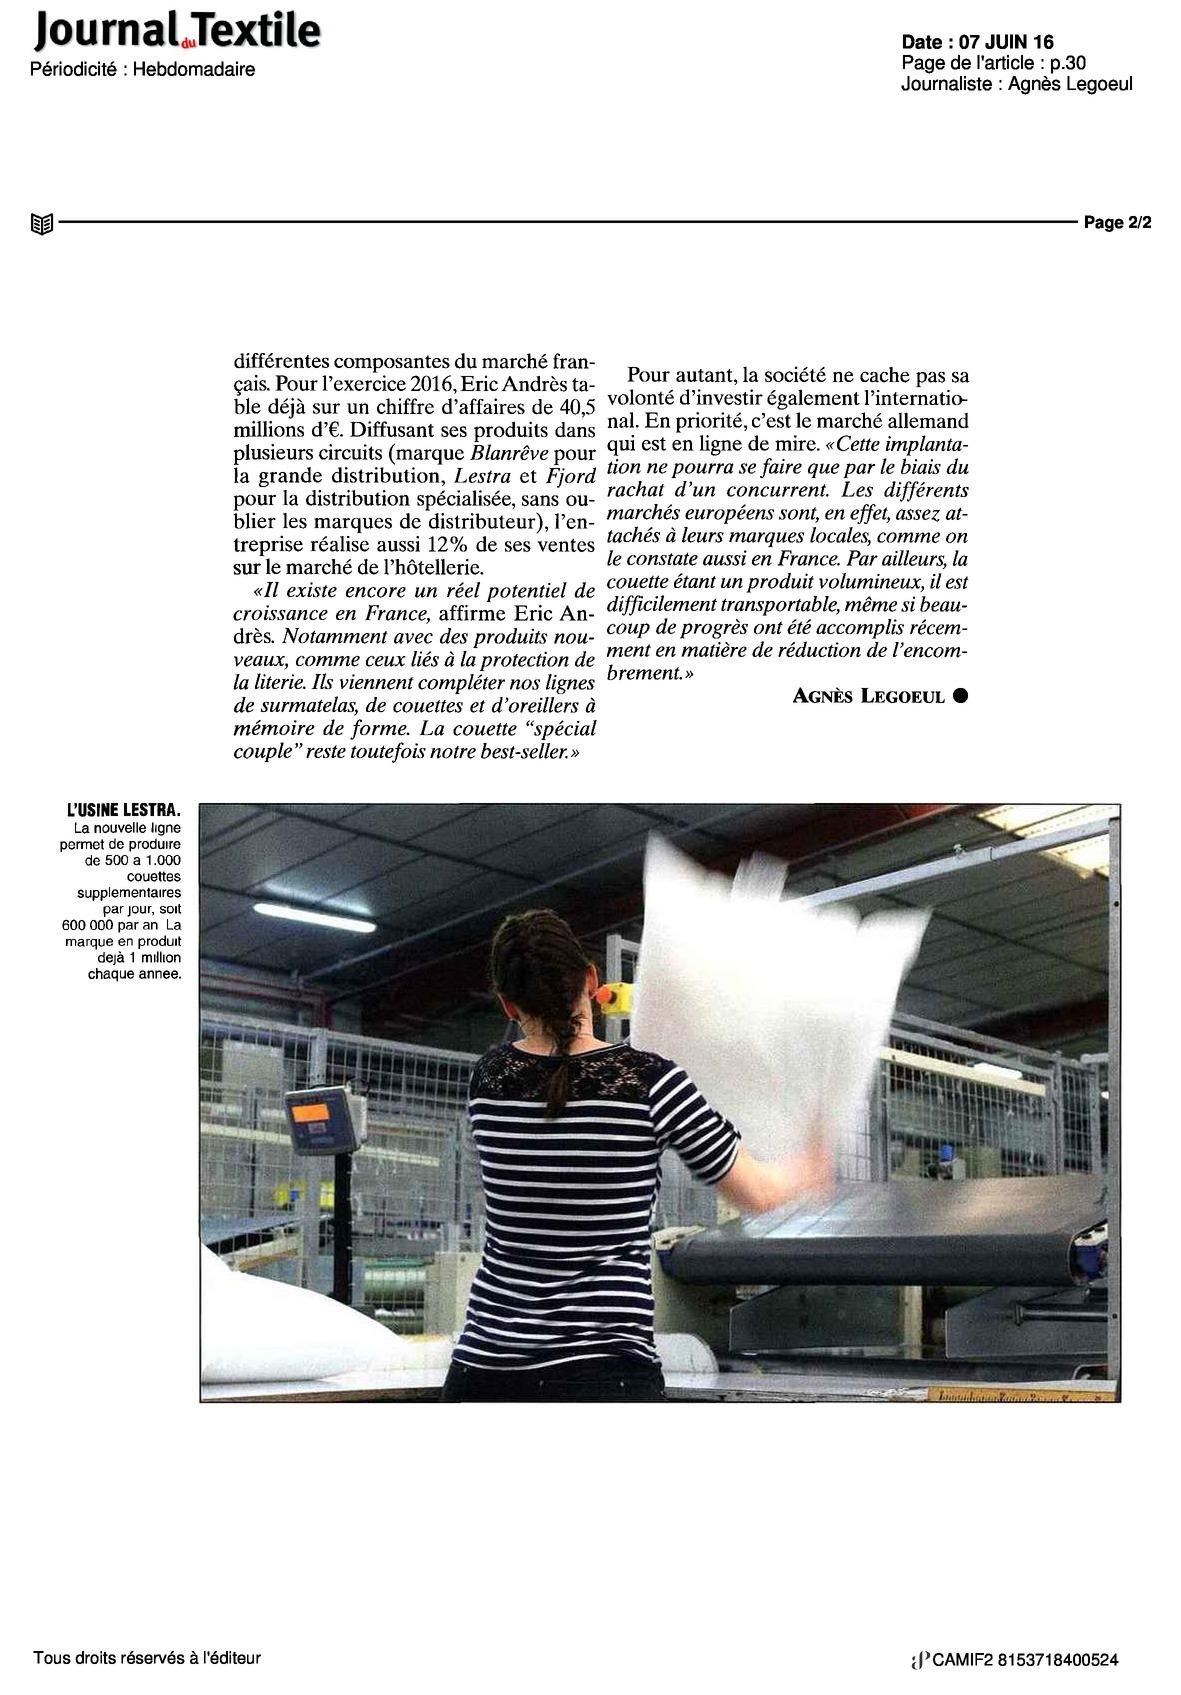 2016-06-071518journal_du_textile_lestra-page1